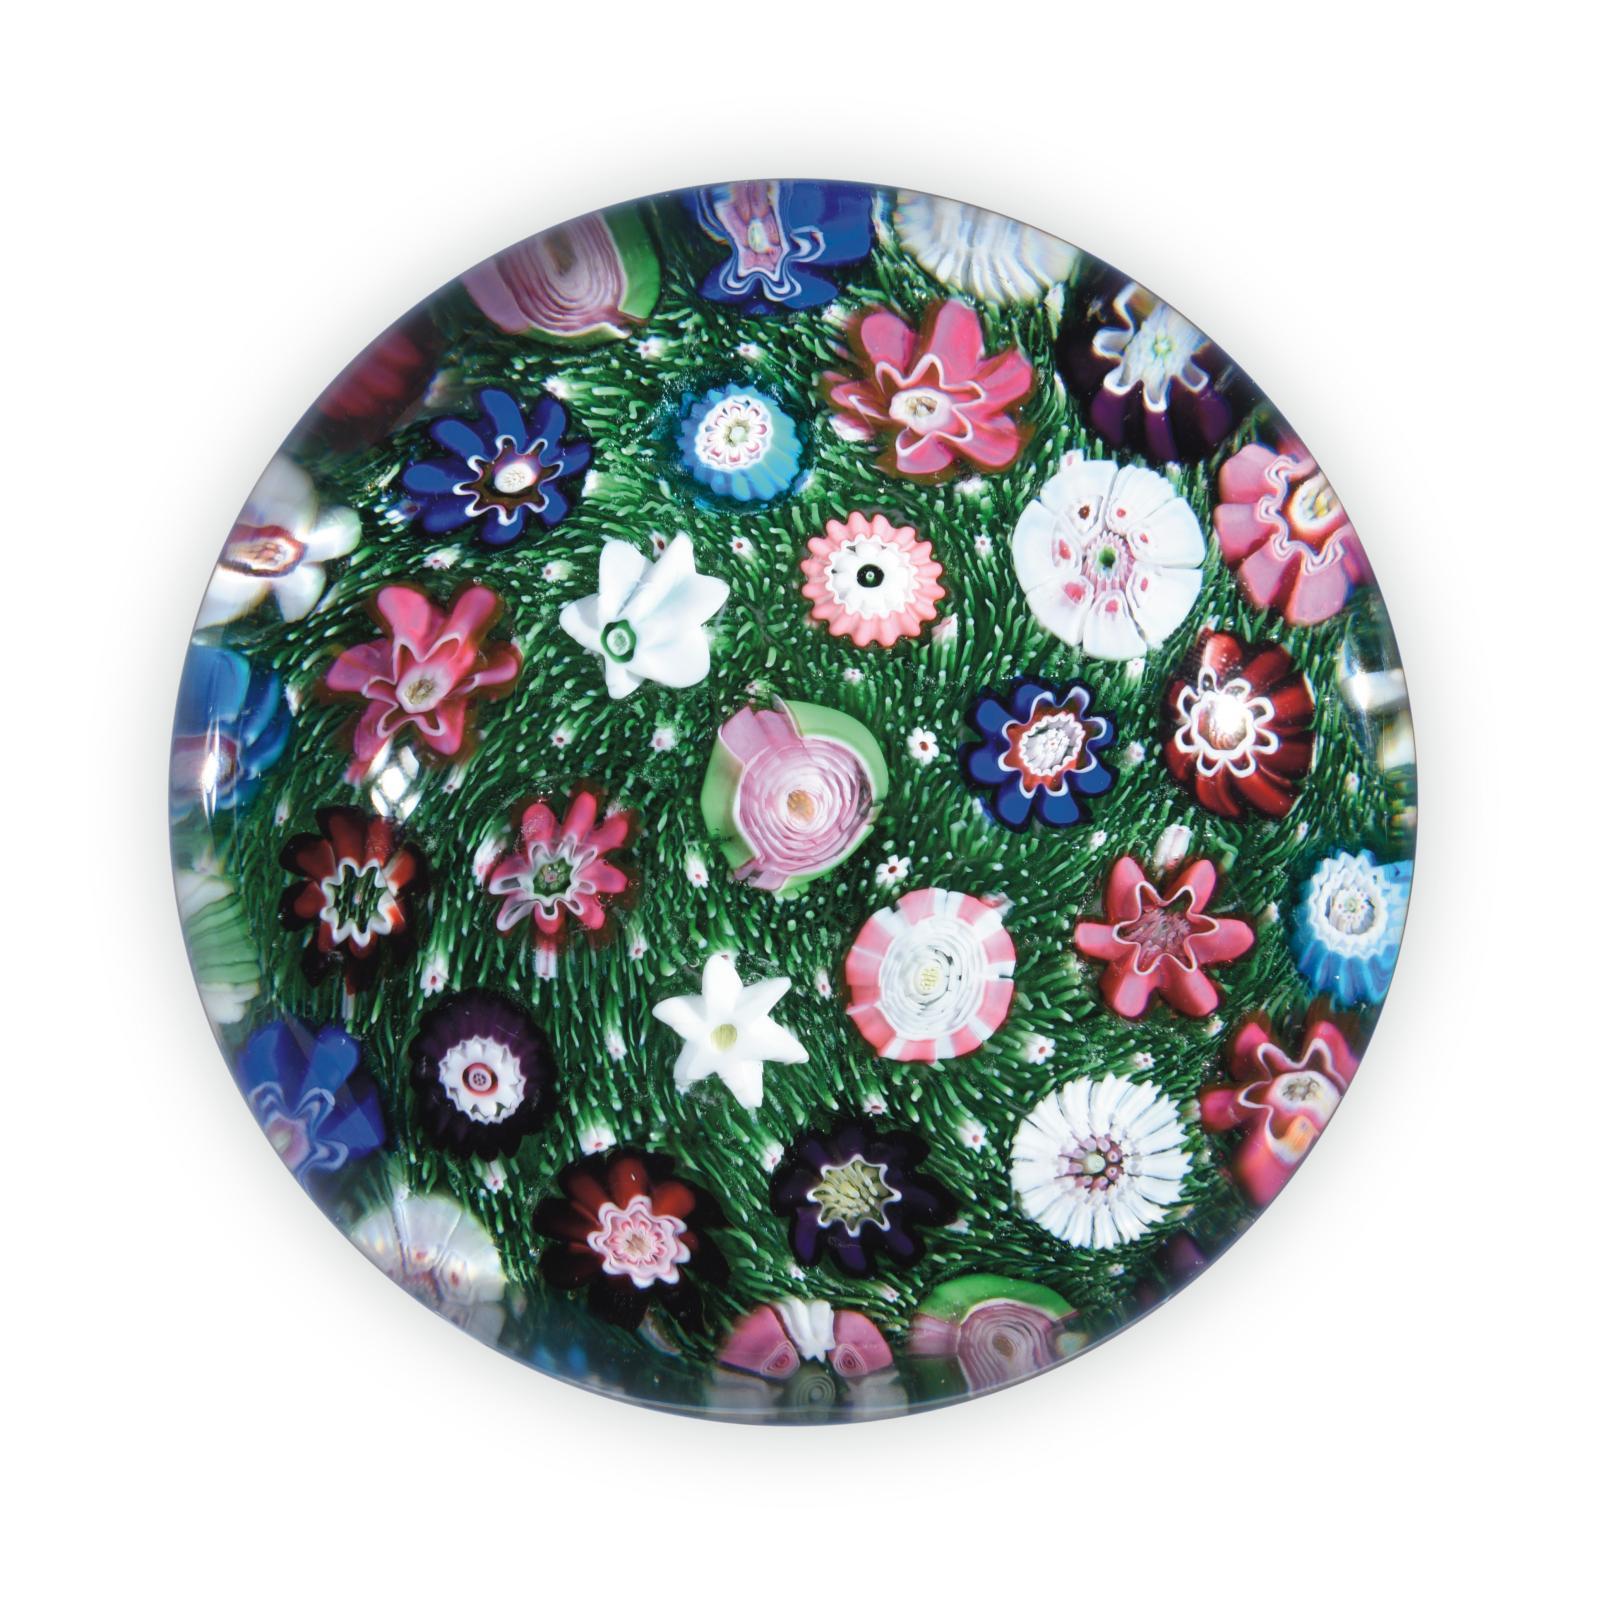 Presse-papiers de la cristallerie de Clichy avec décor de bonbons polychromes et de roses, diam.75cm, h.5cm, 8 novembre 2018, Drouot-R